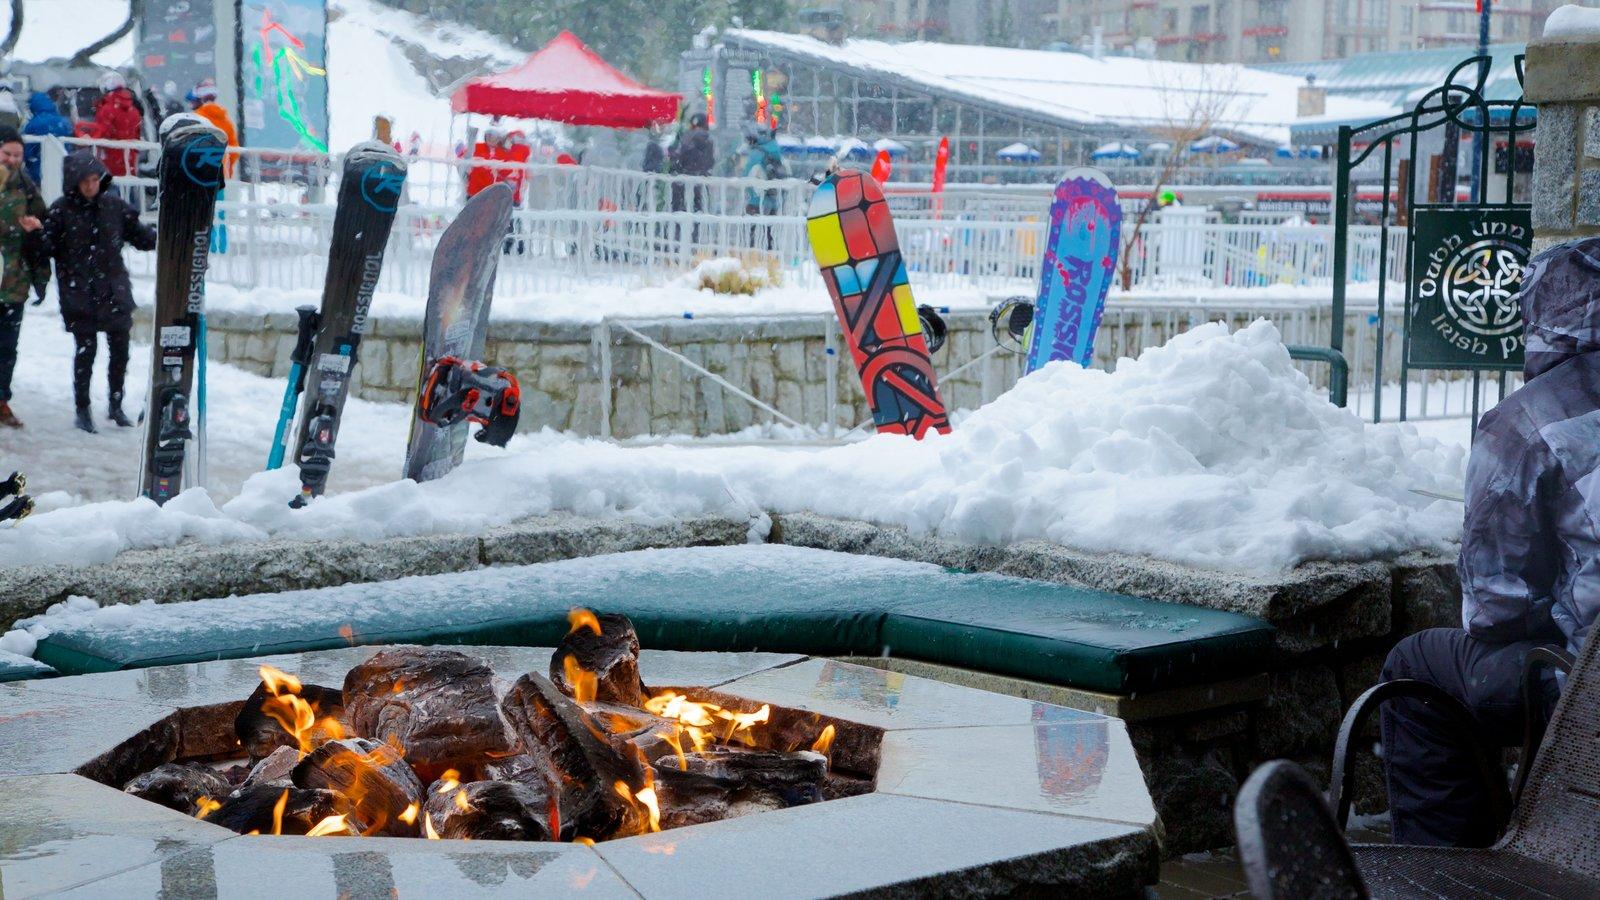 Whistler Ski Area featuring snow